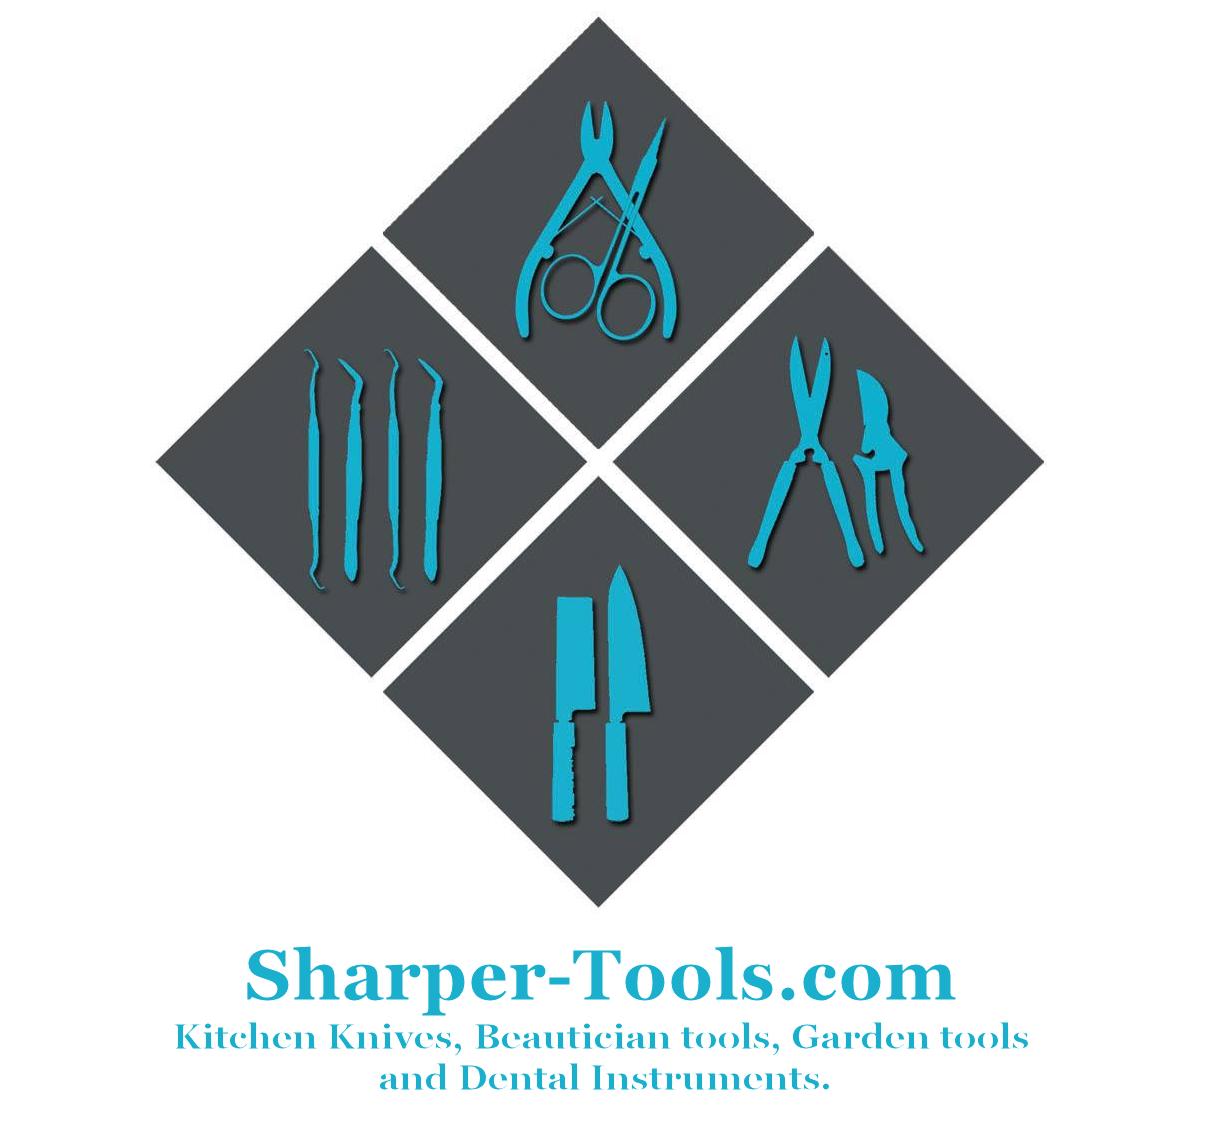 Sharper Tools LLC